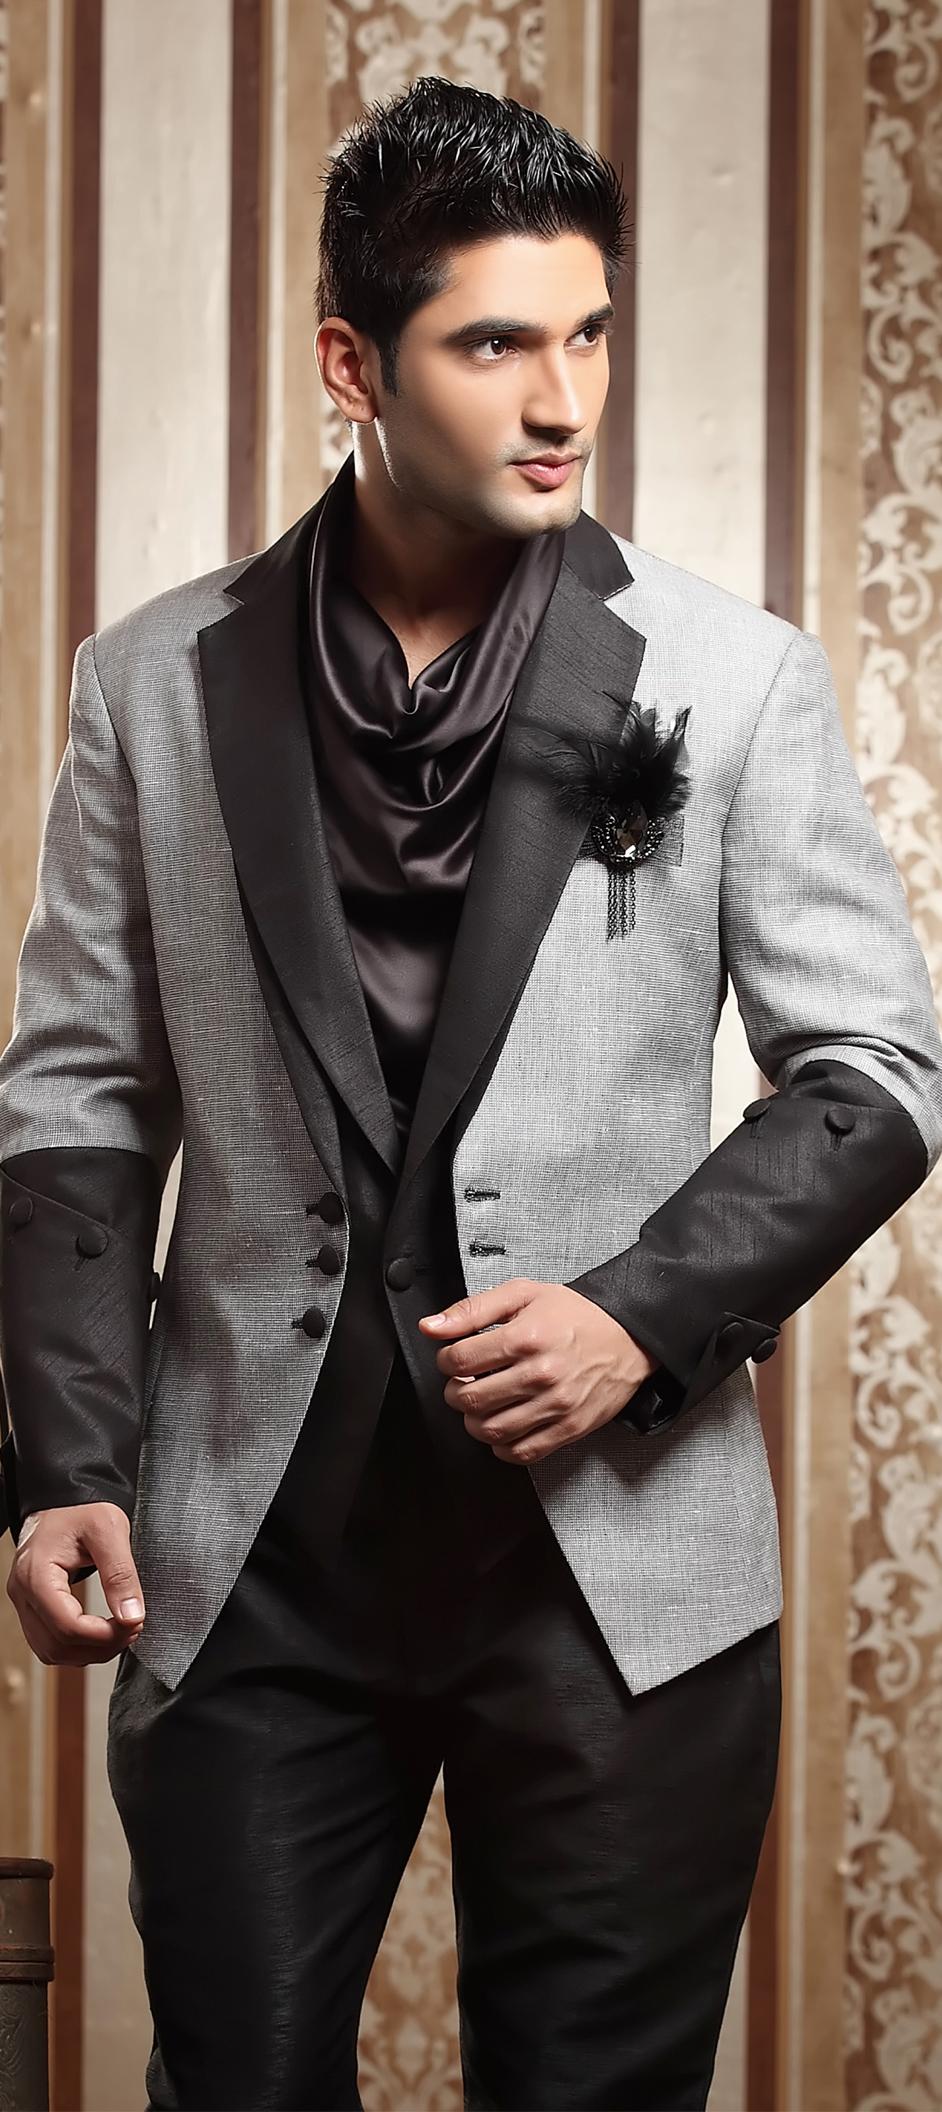 wedding suit for men 12689 shmkpwn